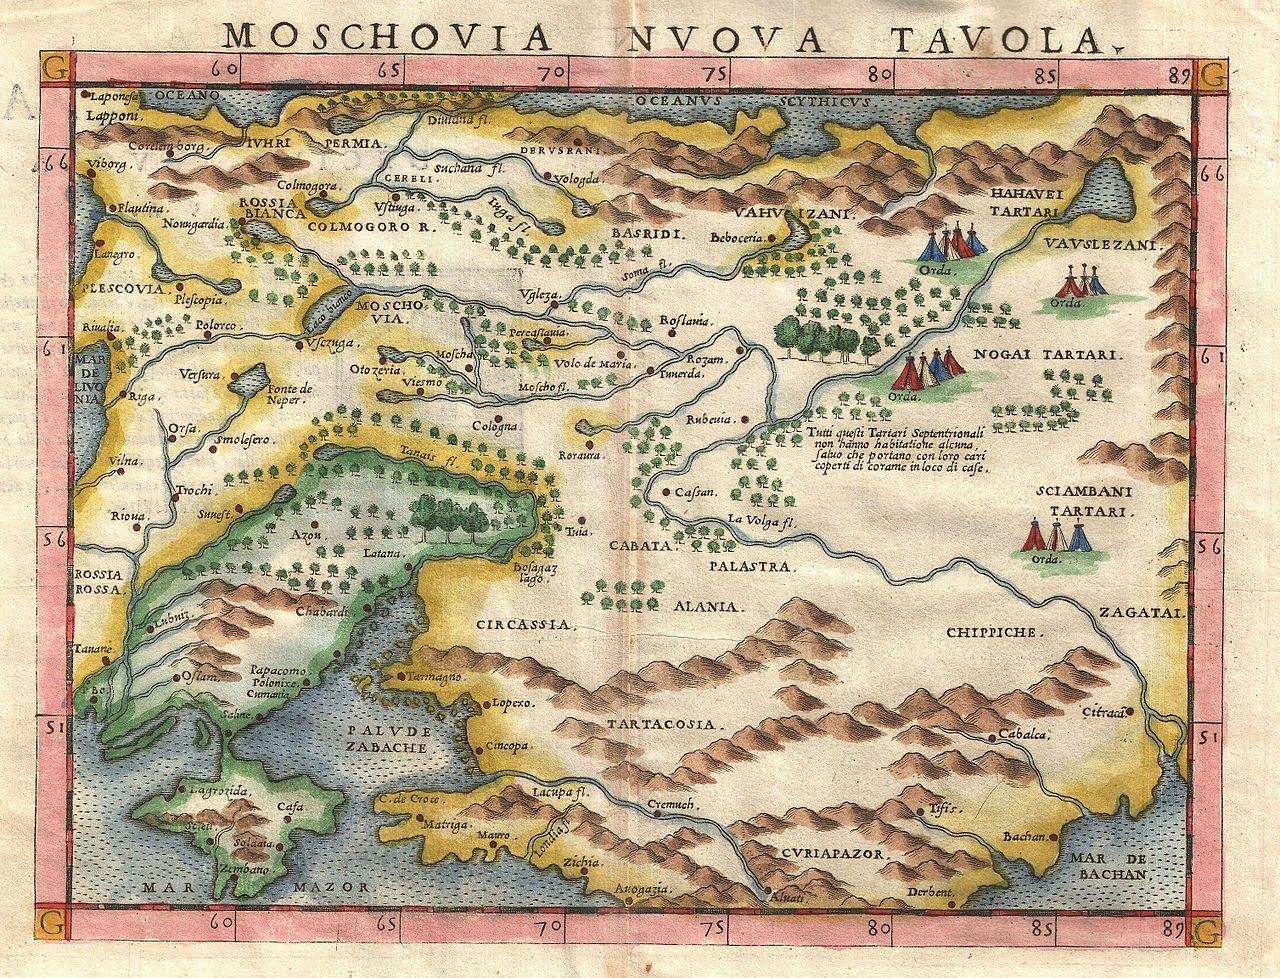 Una foto gratis de un mapa antiguo en el sitio web de imágenes Geographicus